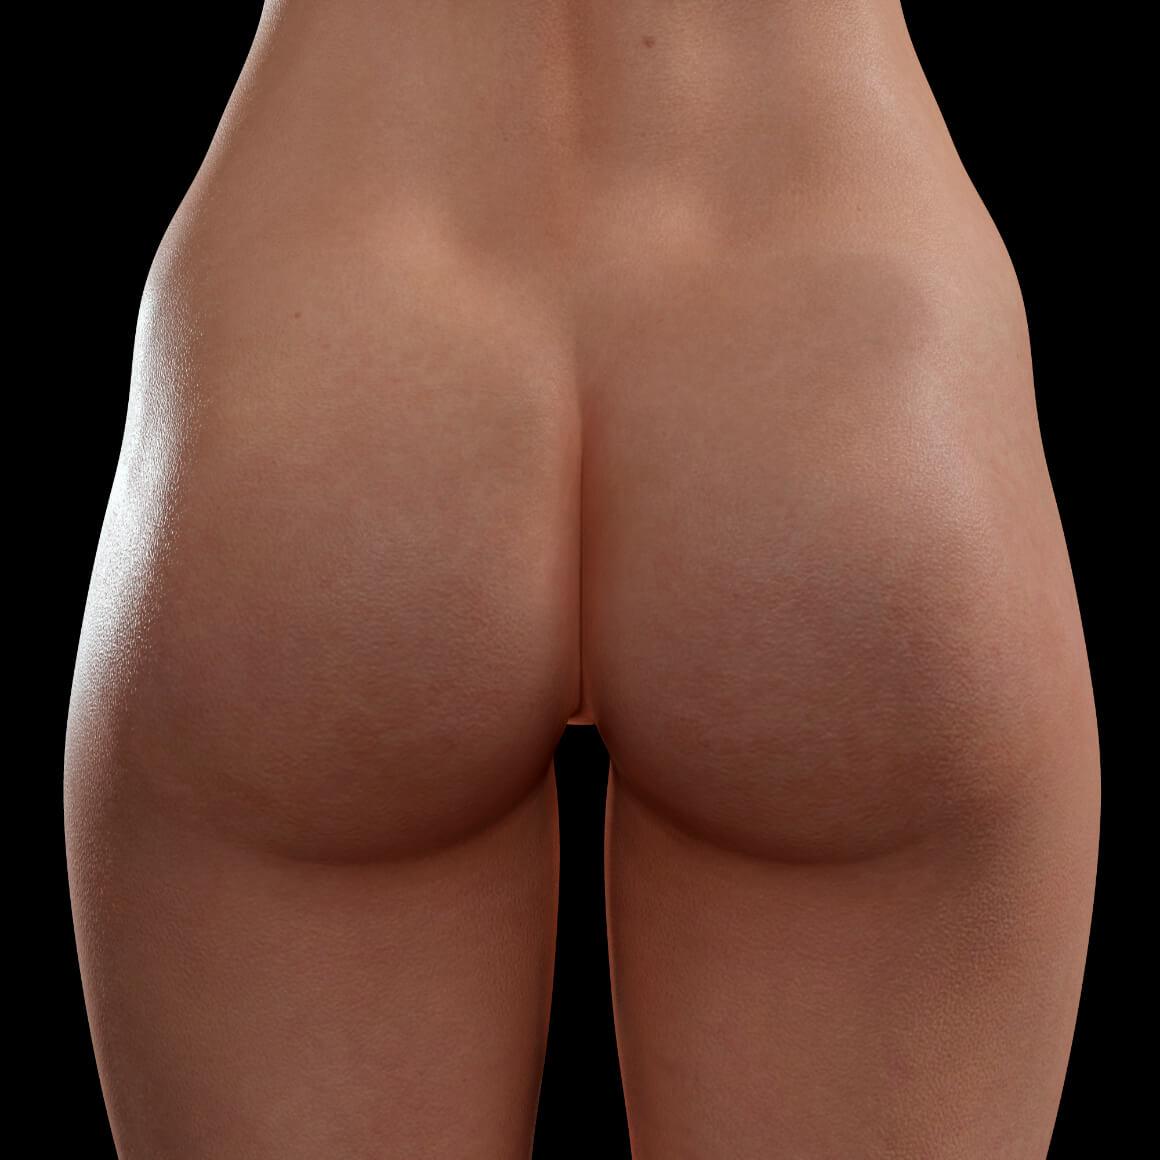 Patiente à Clinique Chloé positionnée de dos après un traitement d'augmentation des fesses avec des injections de Sculptra